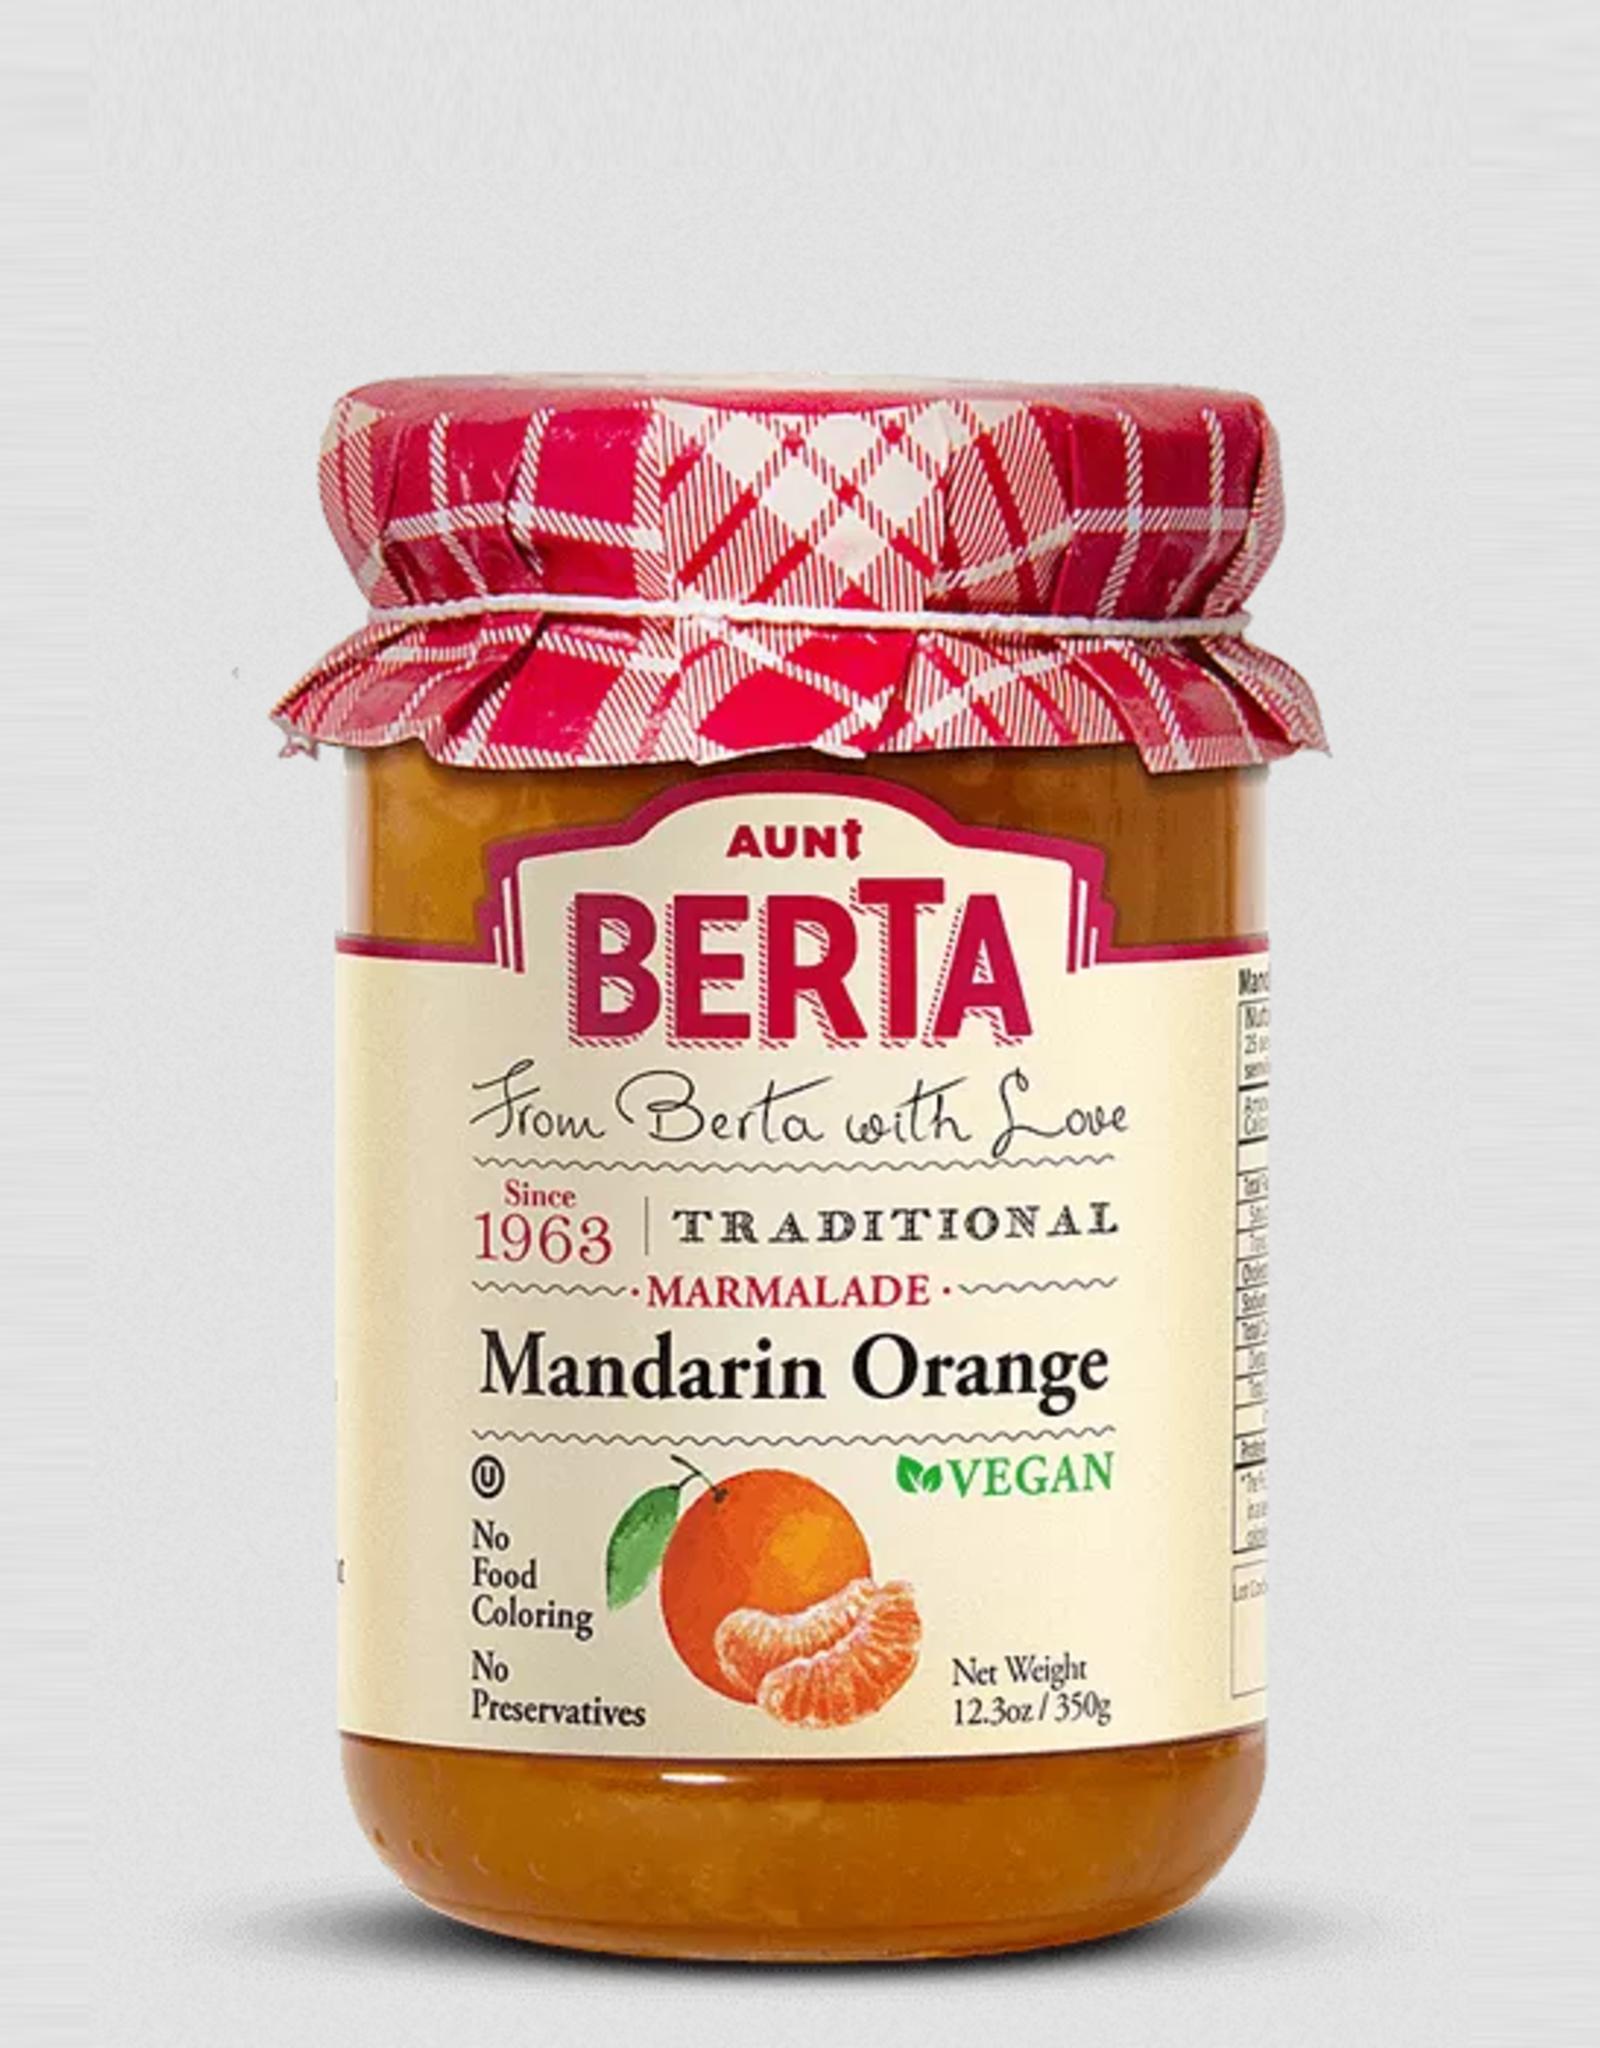 Nassau Candy Aunt Berta Jam, Mandarin Orange